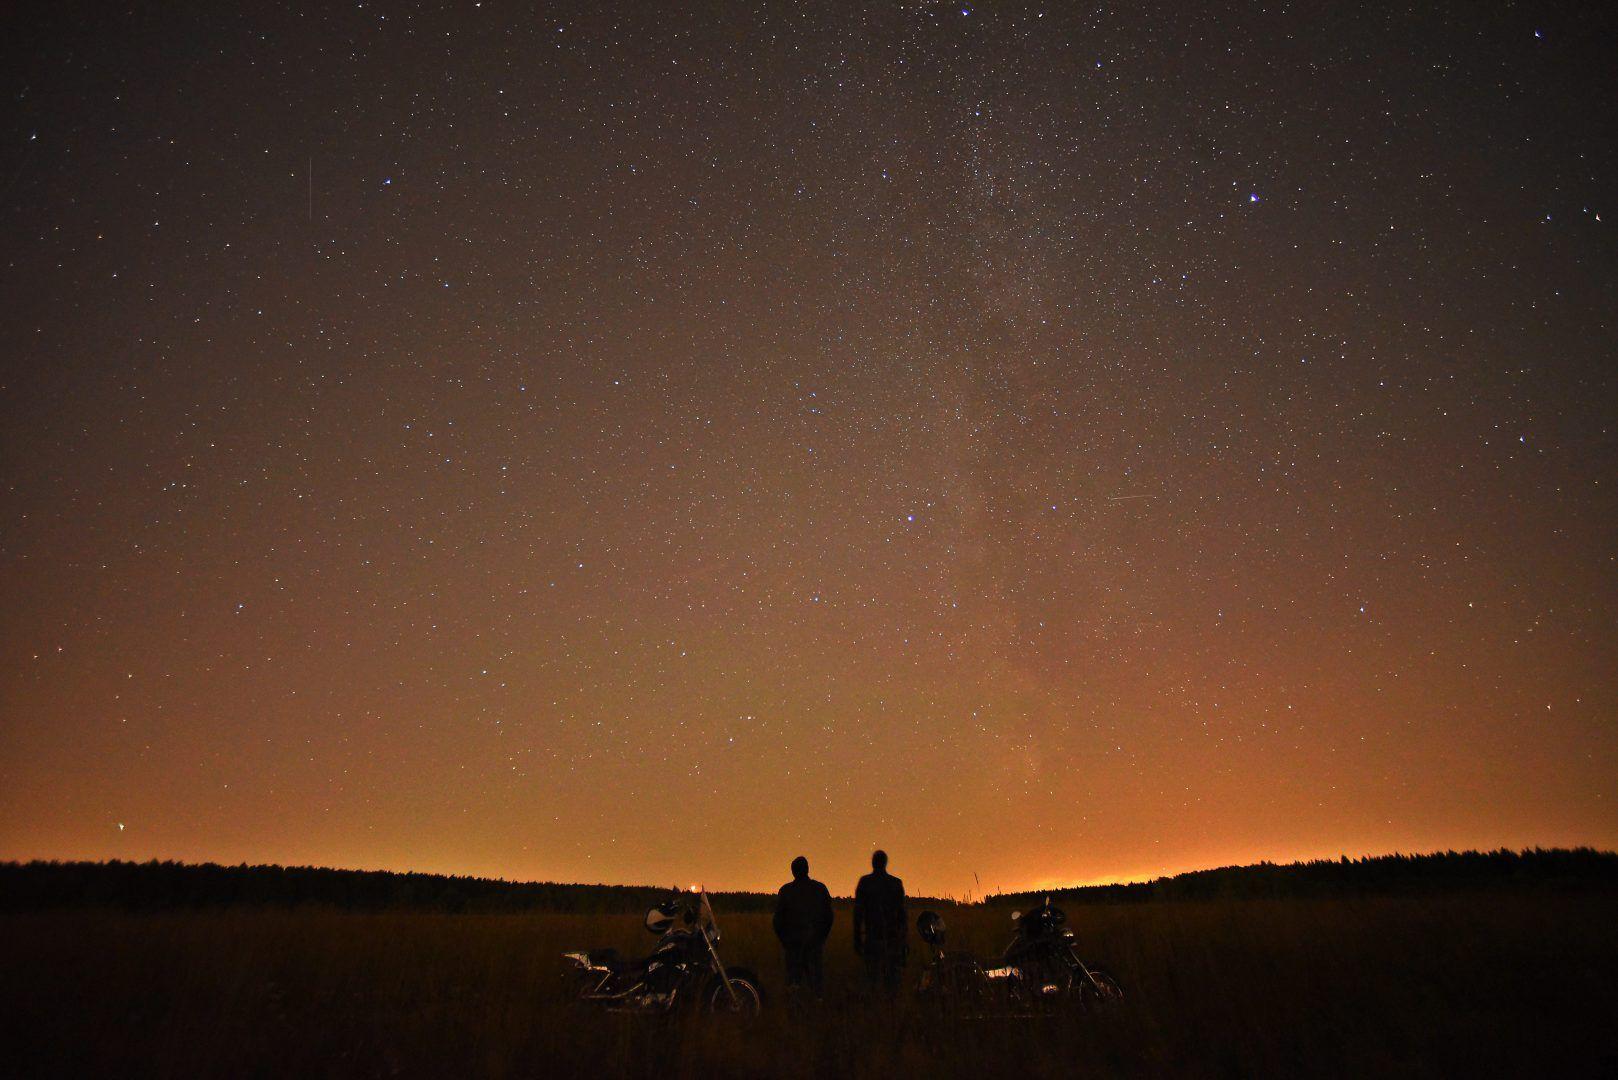 В этом году ожидается до 20 метеоров в час. Фото: Александр Кожохин